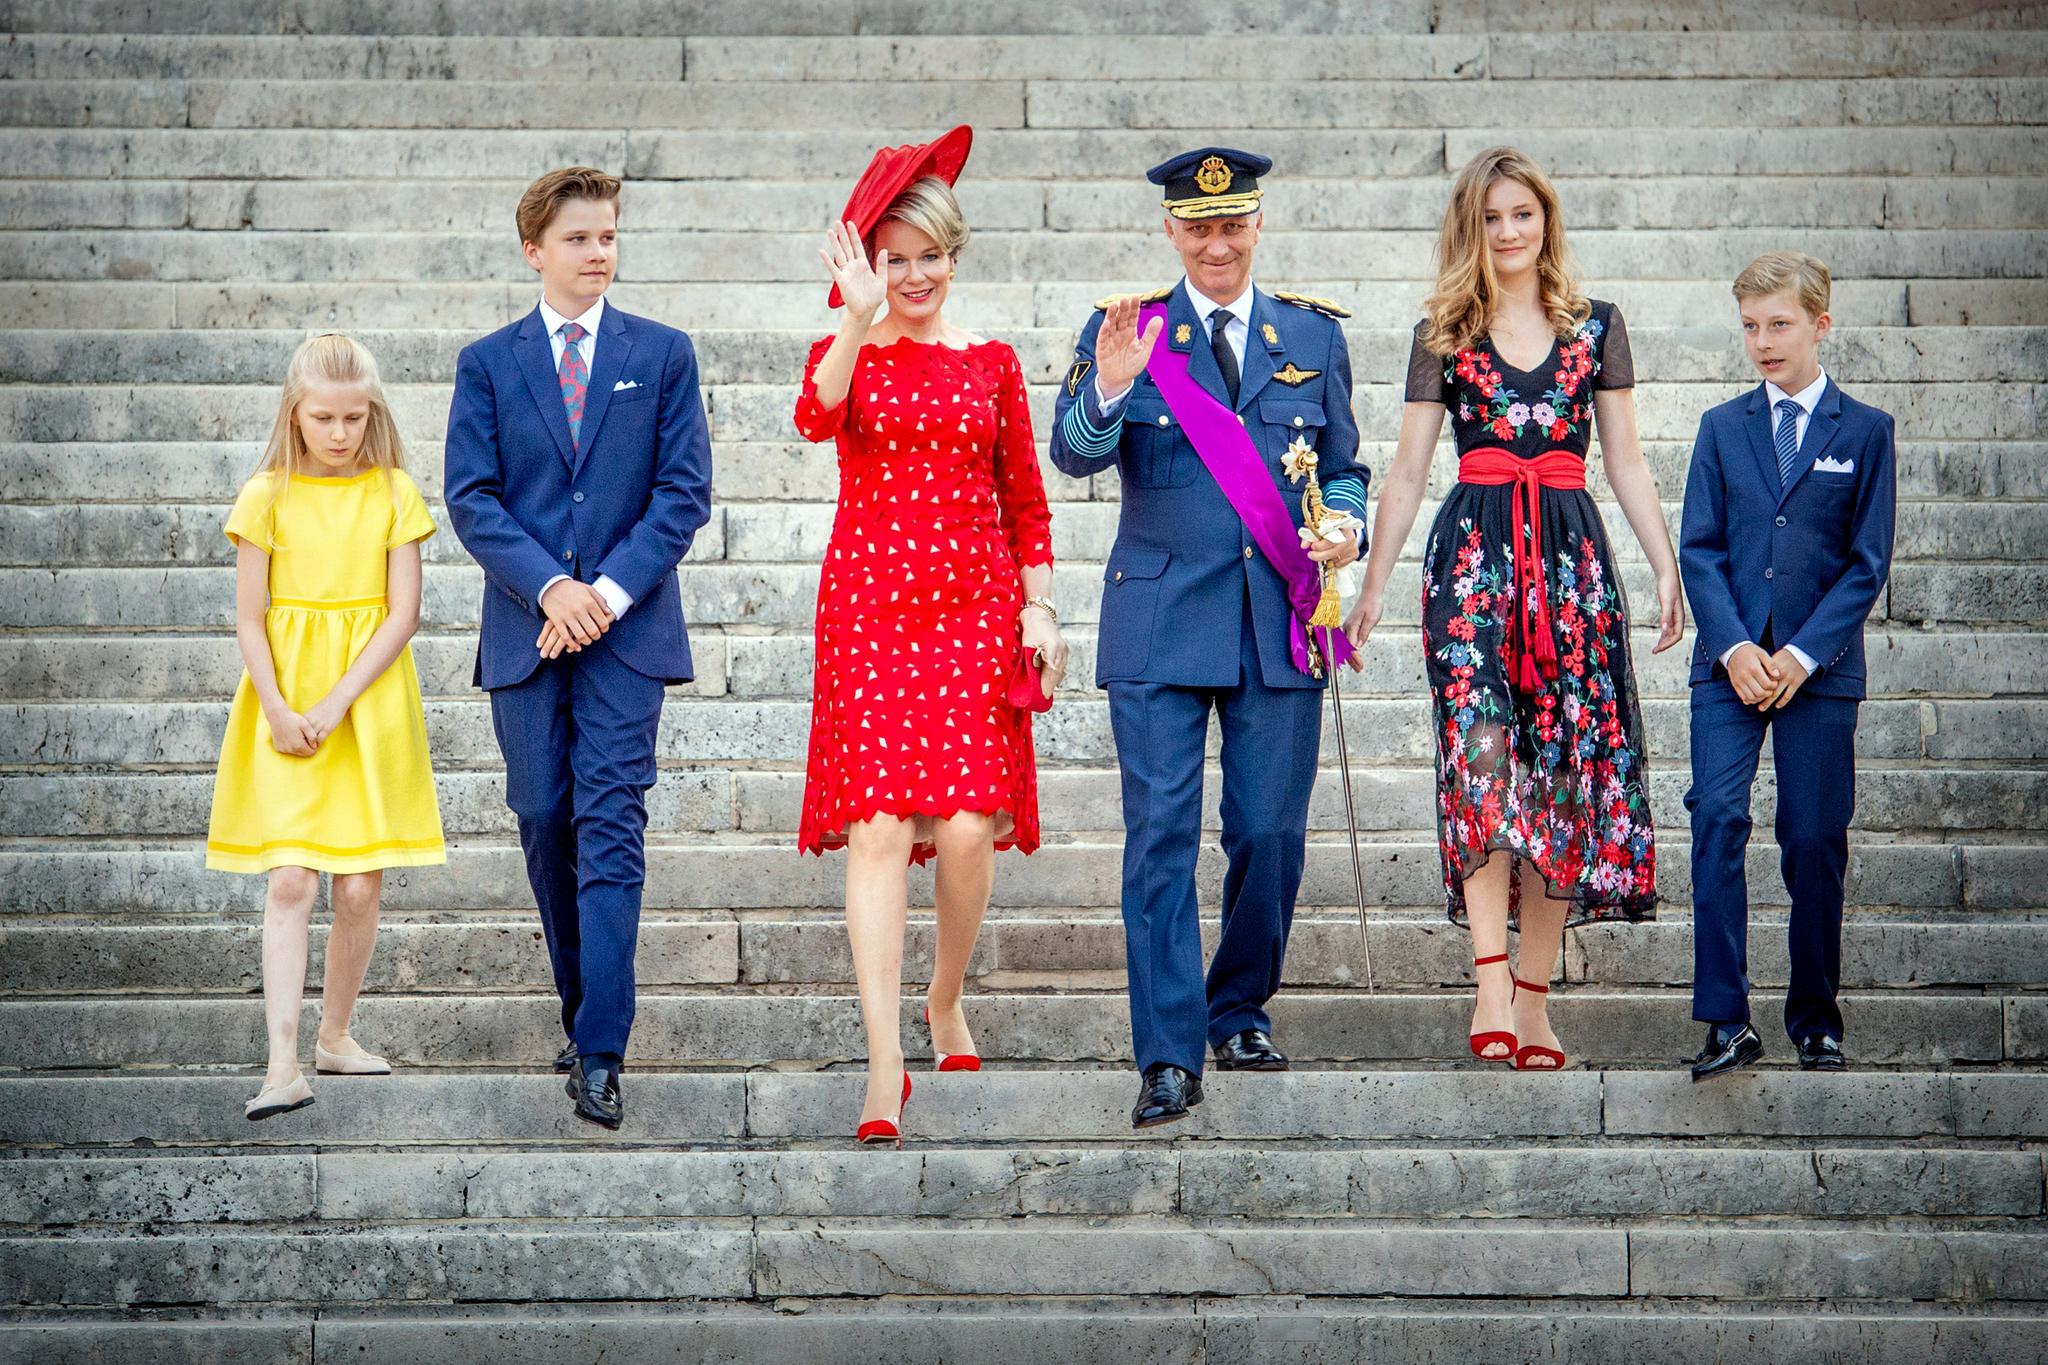 Die belgische Königsfamilie: (v.l) Prinzessin Eléonore, Prinz Gabriel, Königin Mathilde, König Philippe, Prinzessin Elisabeth und PrinzEmmanuel